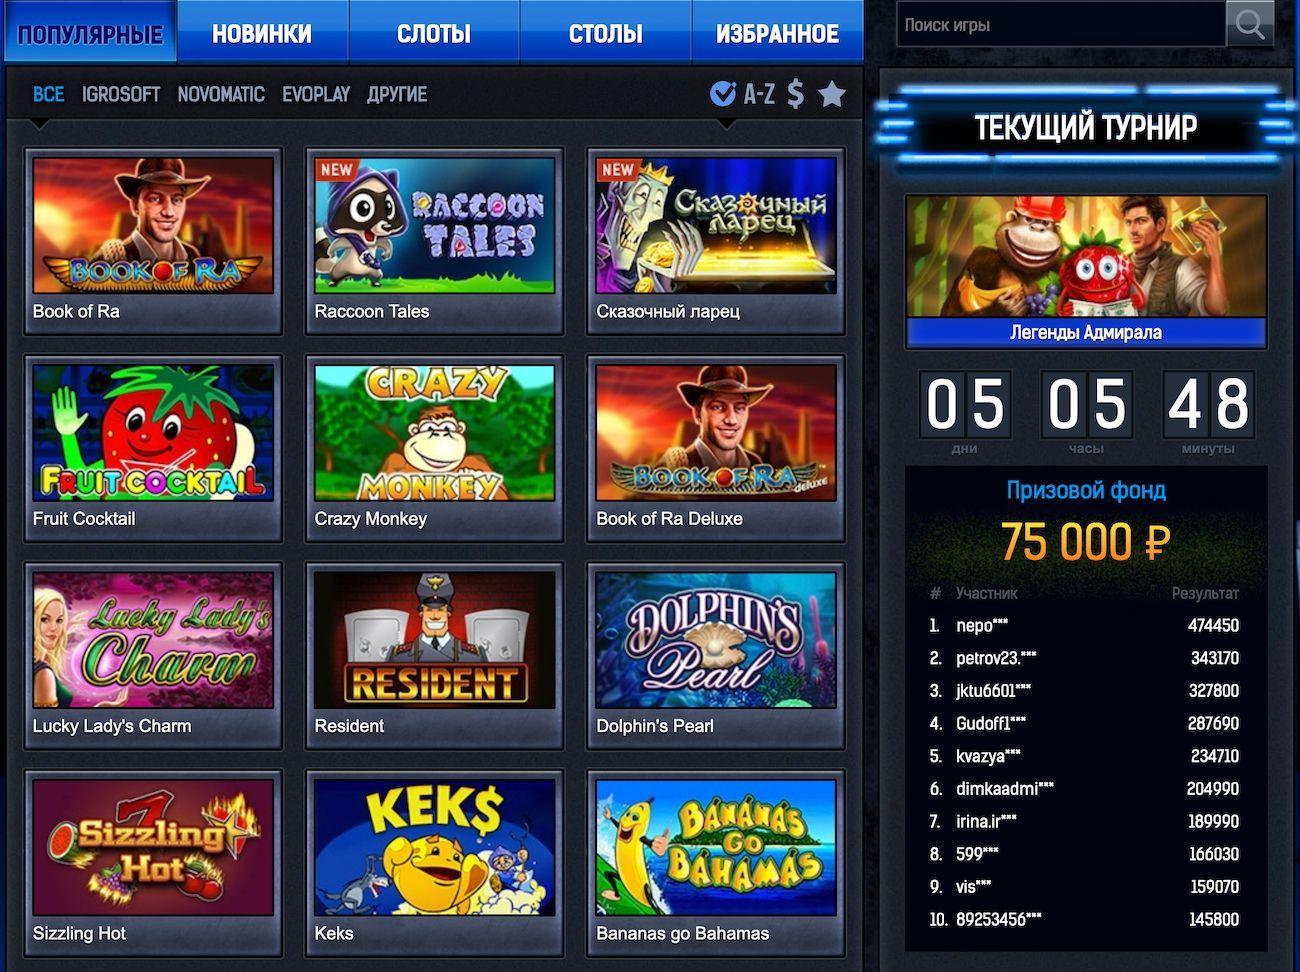 Скачать демо игровые слоты лучшие казино в тбилиси